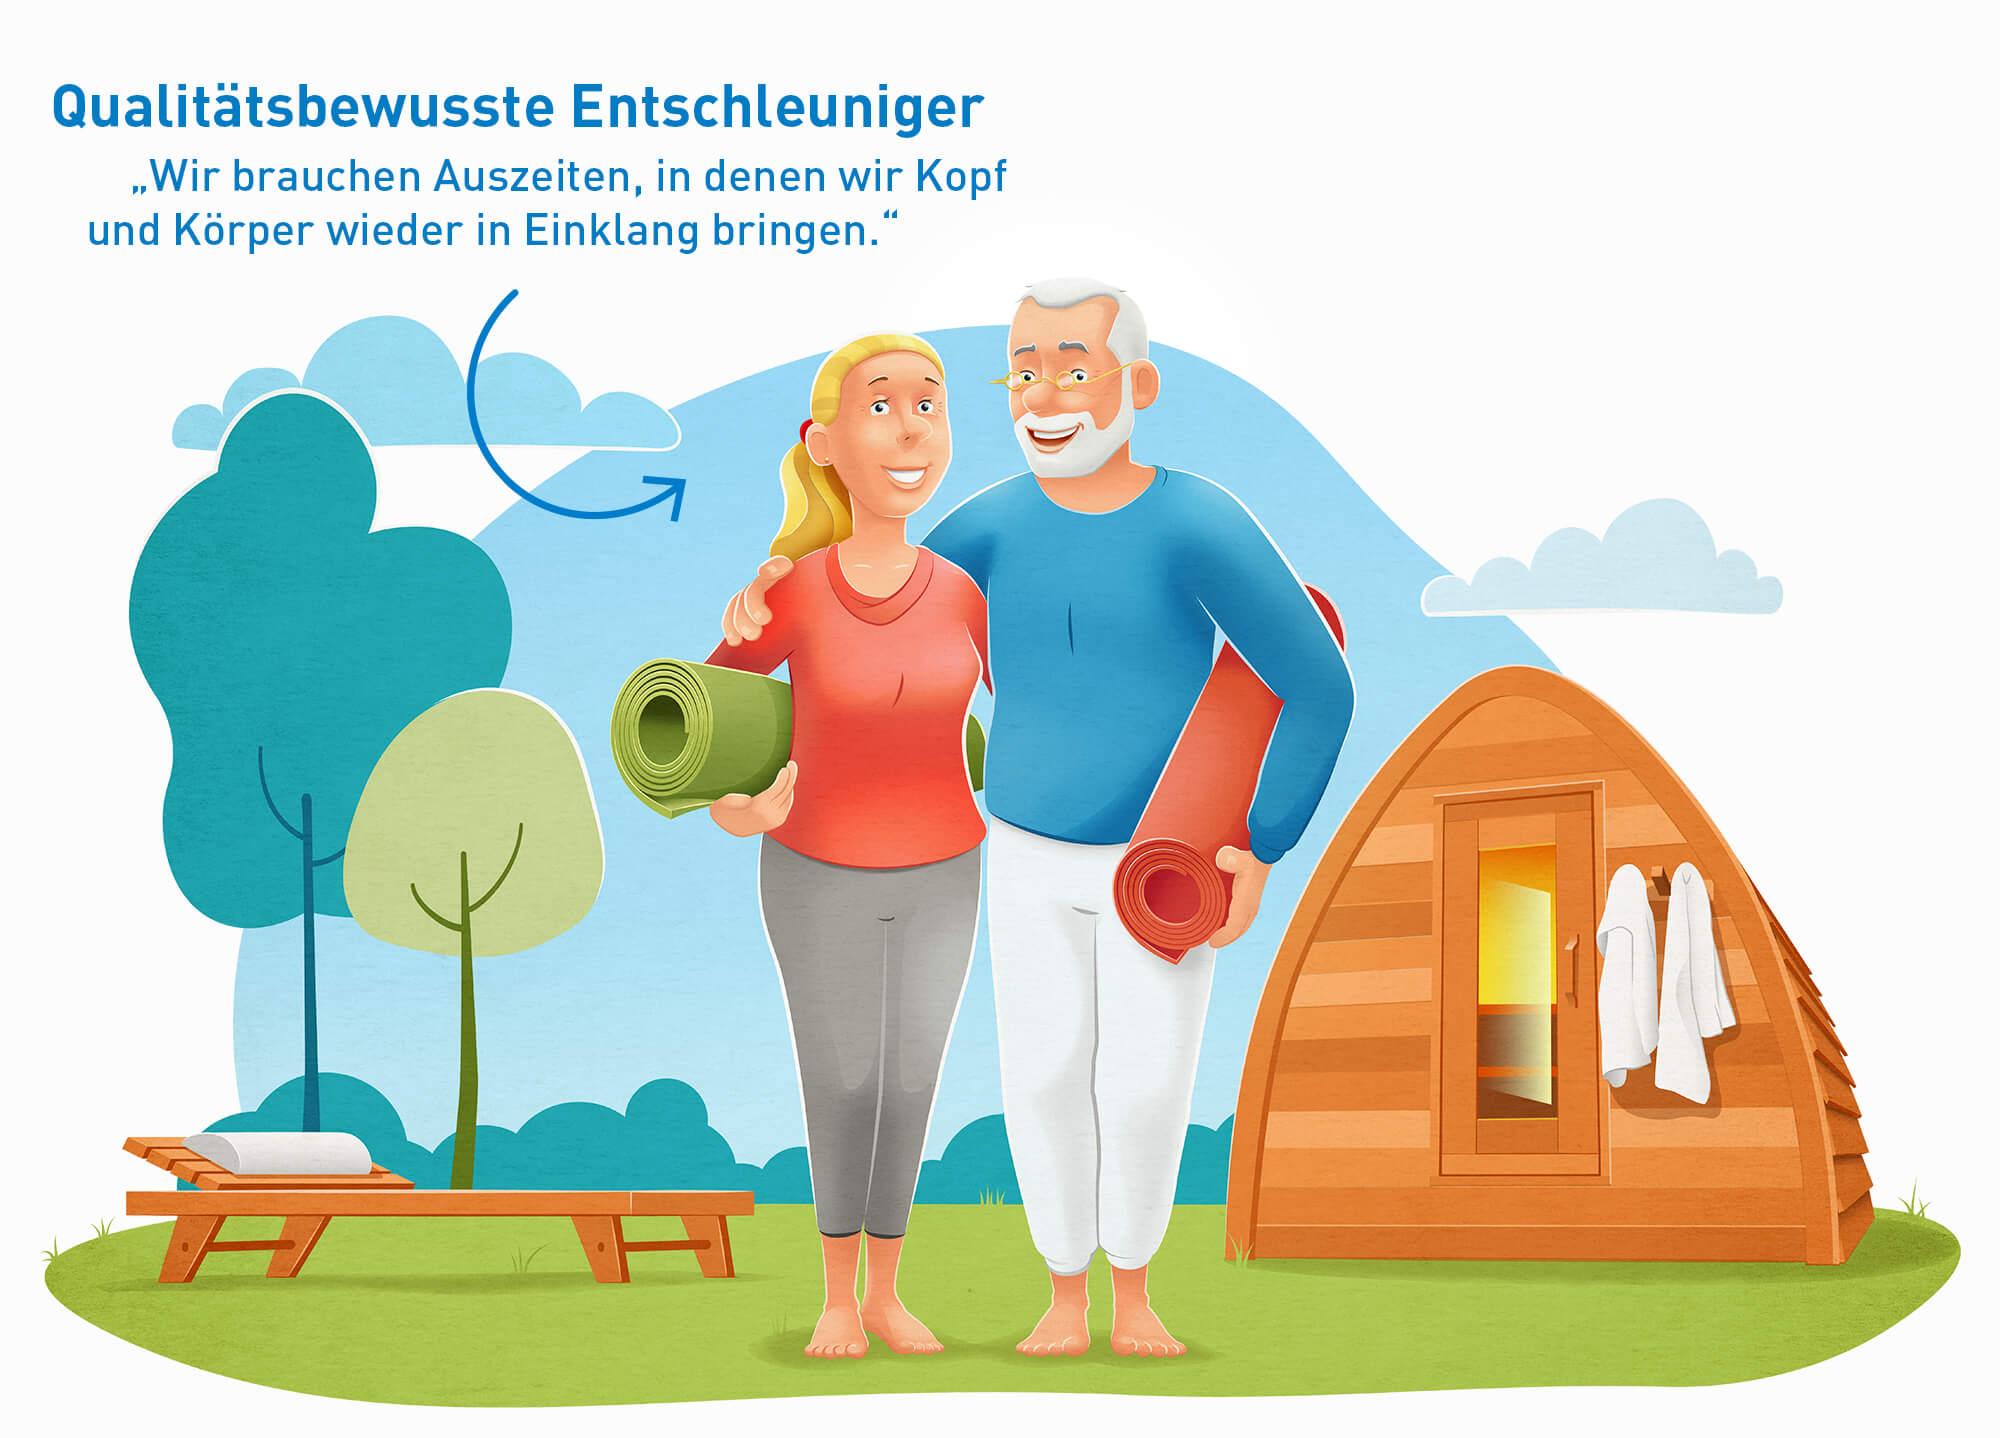 """Illustration der touristischen Zielgruppe """"Qualitätsbewusste Entschleuniger"""": Altersgruppe zwischen 50-64 Jahren ist am stärksten vertreten"""